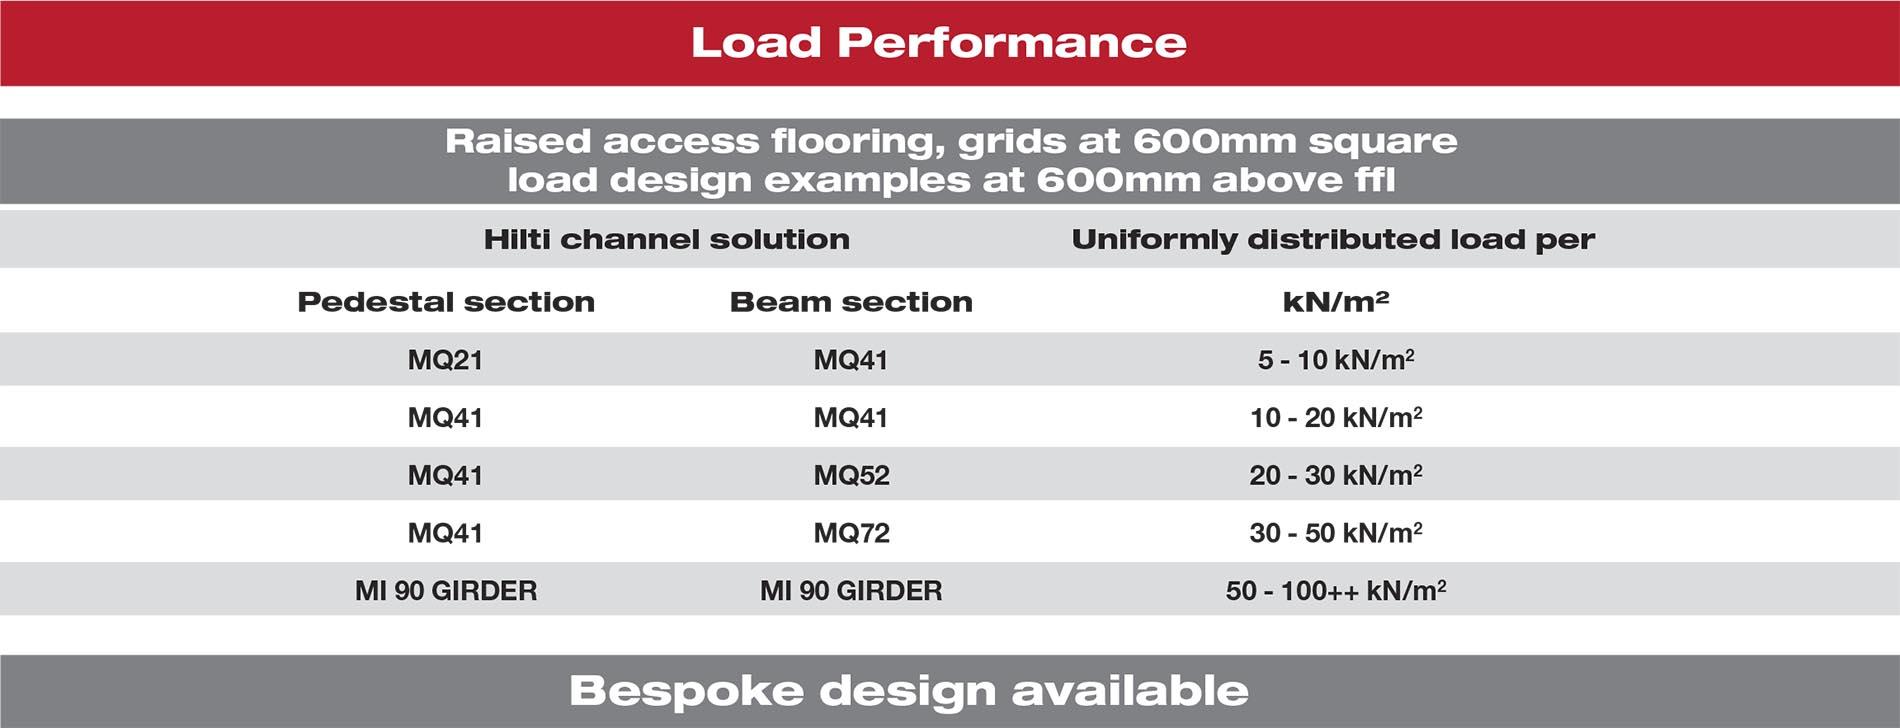 hilti raised flooring load performance